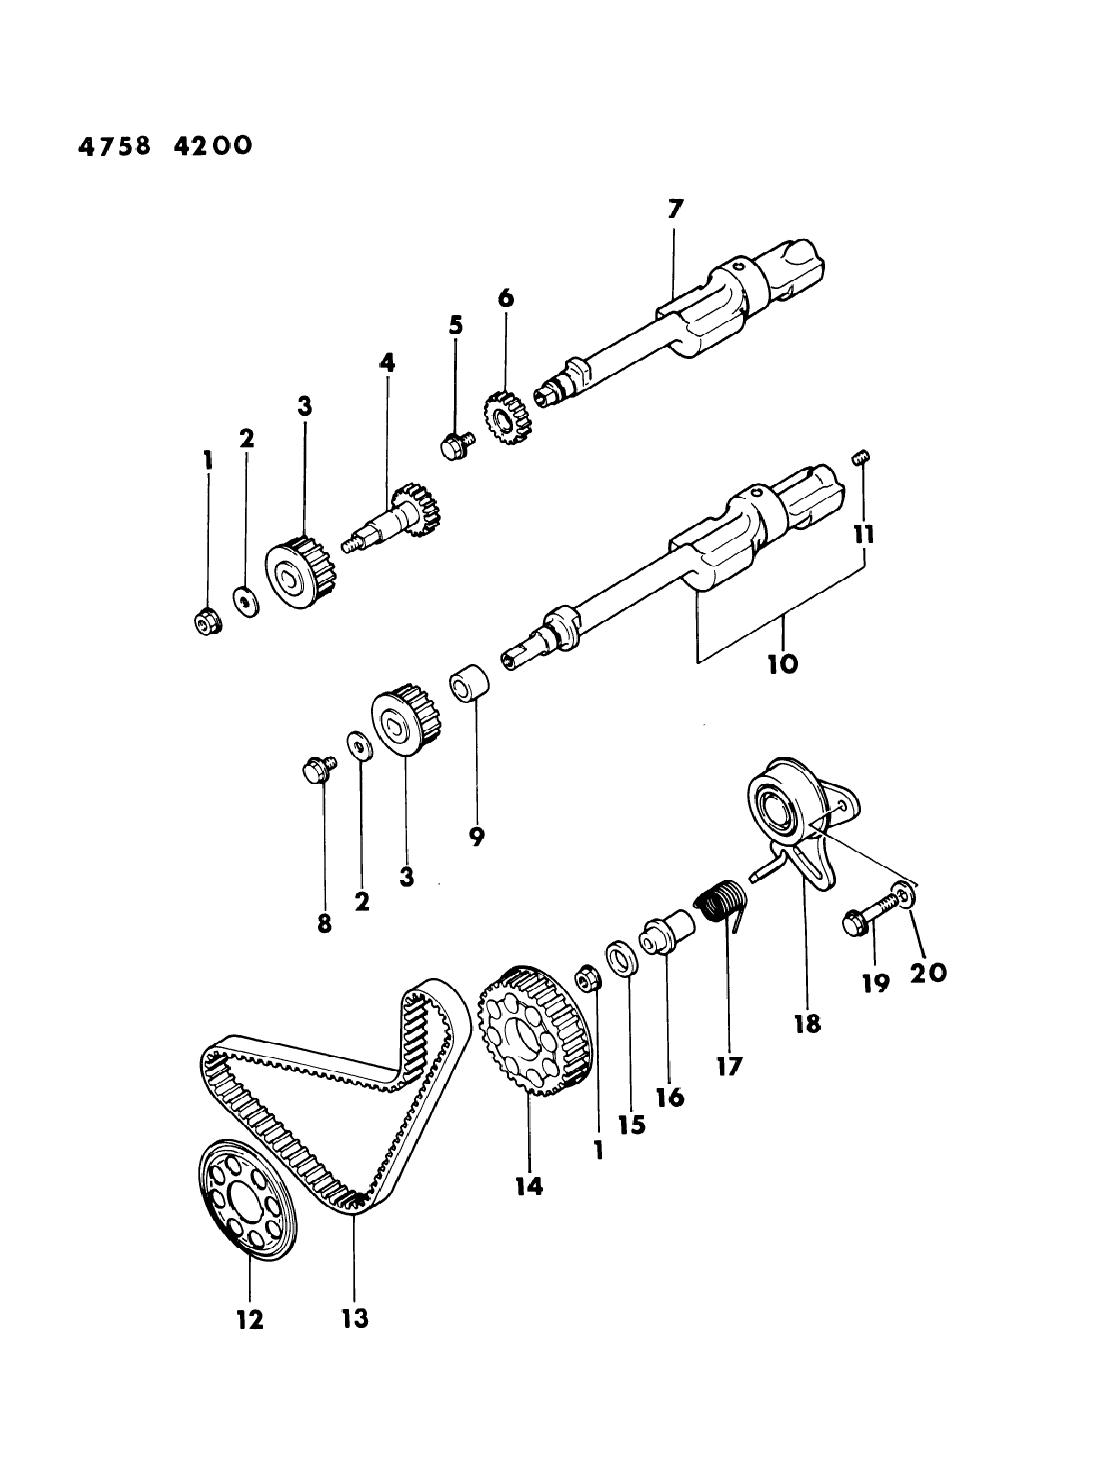 1985 ford l series foldout wiring diagram ltl9000 l8000 l9000 ln600 ln700 ln7000 ln8000 ln9000 lt8000 lnt8000 lnt9000